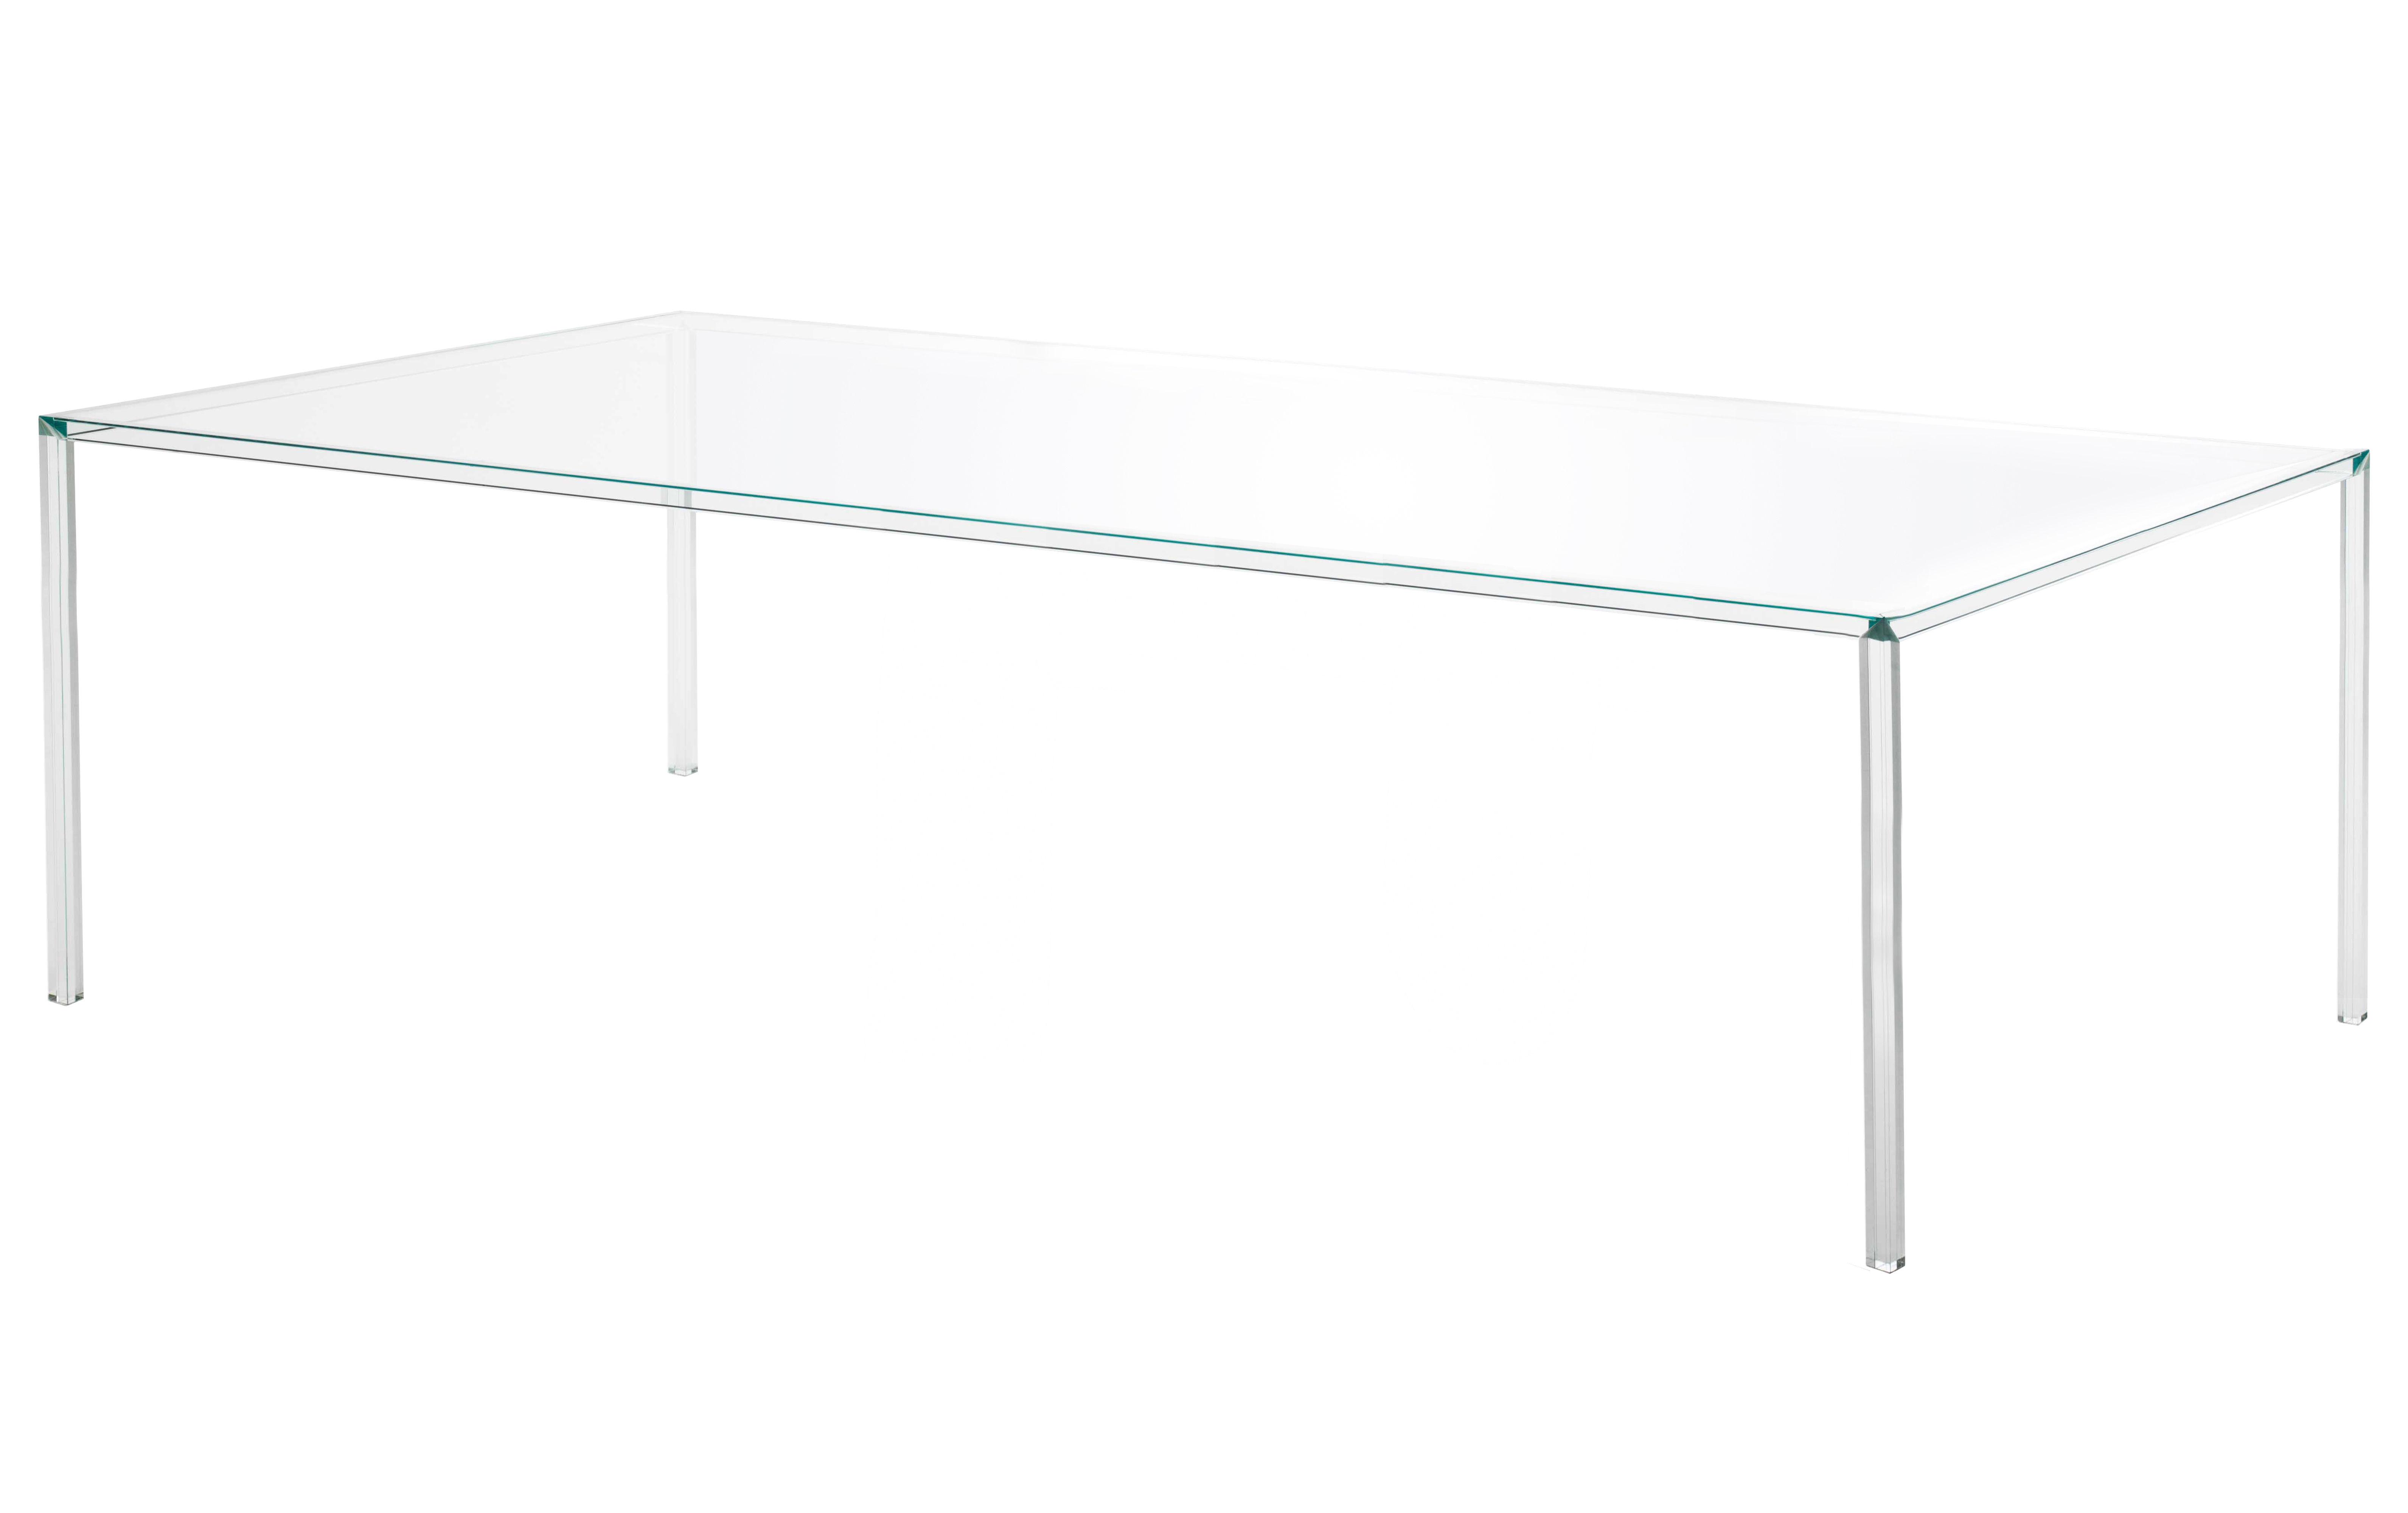 Mobilier - Tables - Table rectangulaire Luminous / 220 x 90 cm - Glas Italia - Cristal transparent - Verre